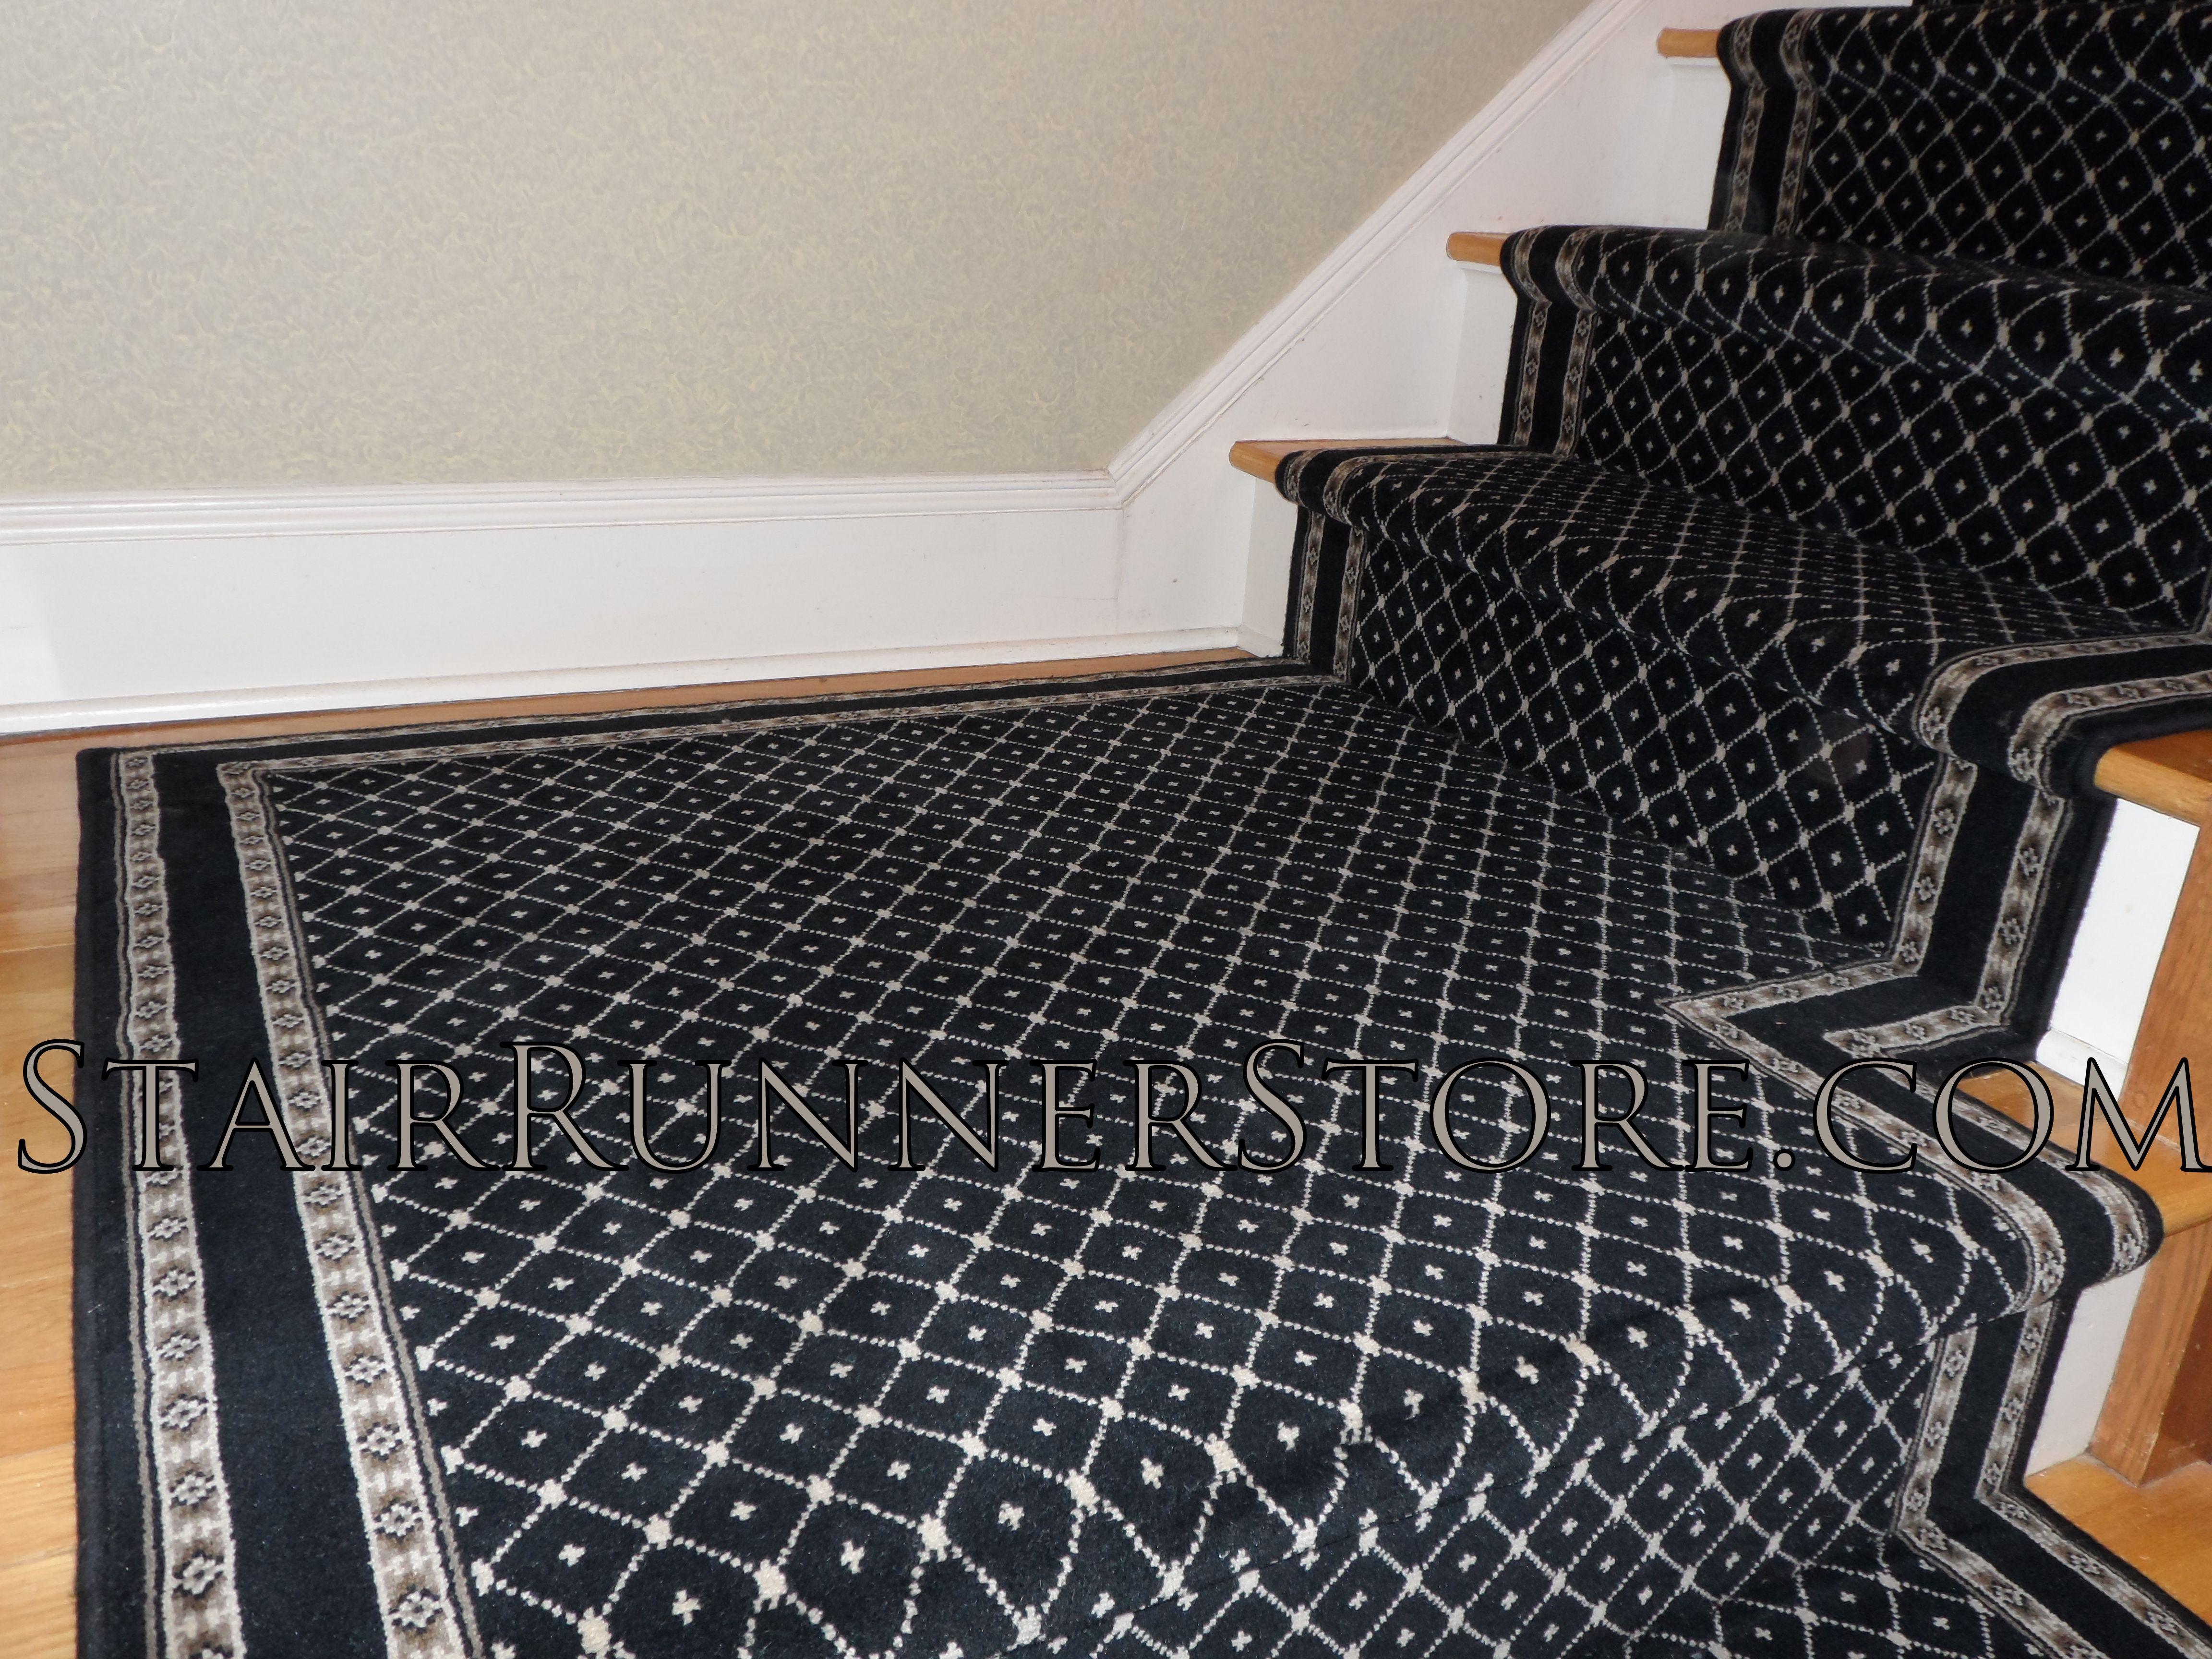 Best Hamilton Stair Runner 49500 27 Stair Runner Stair 400 x 300